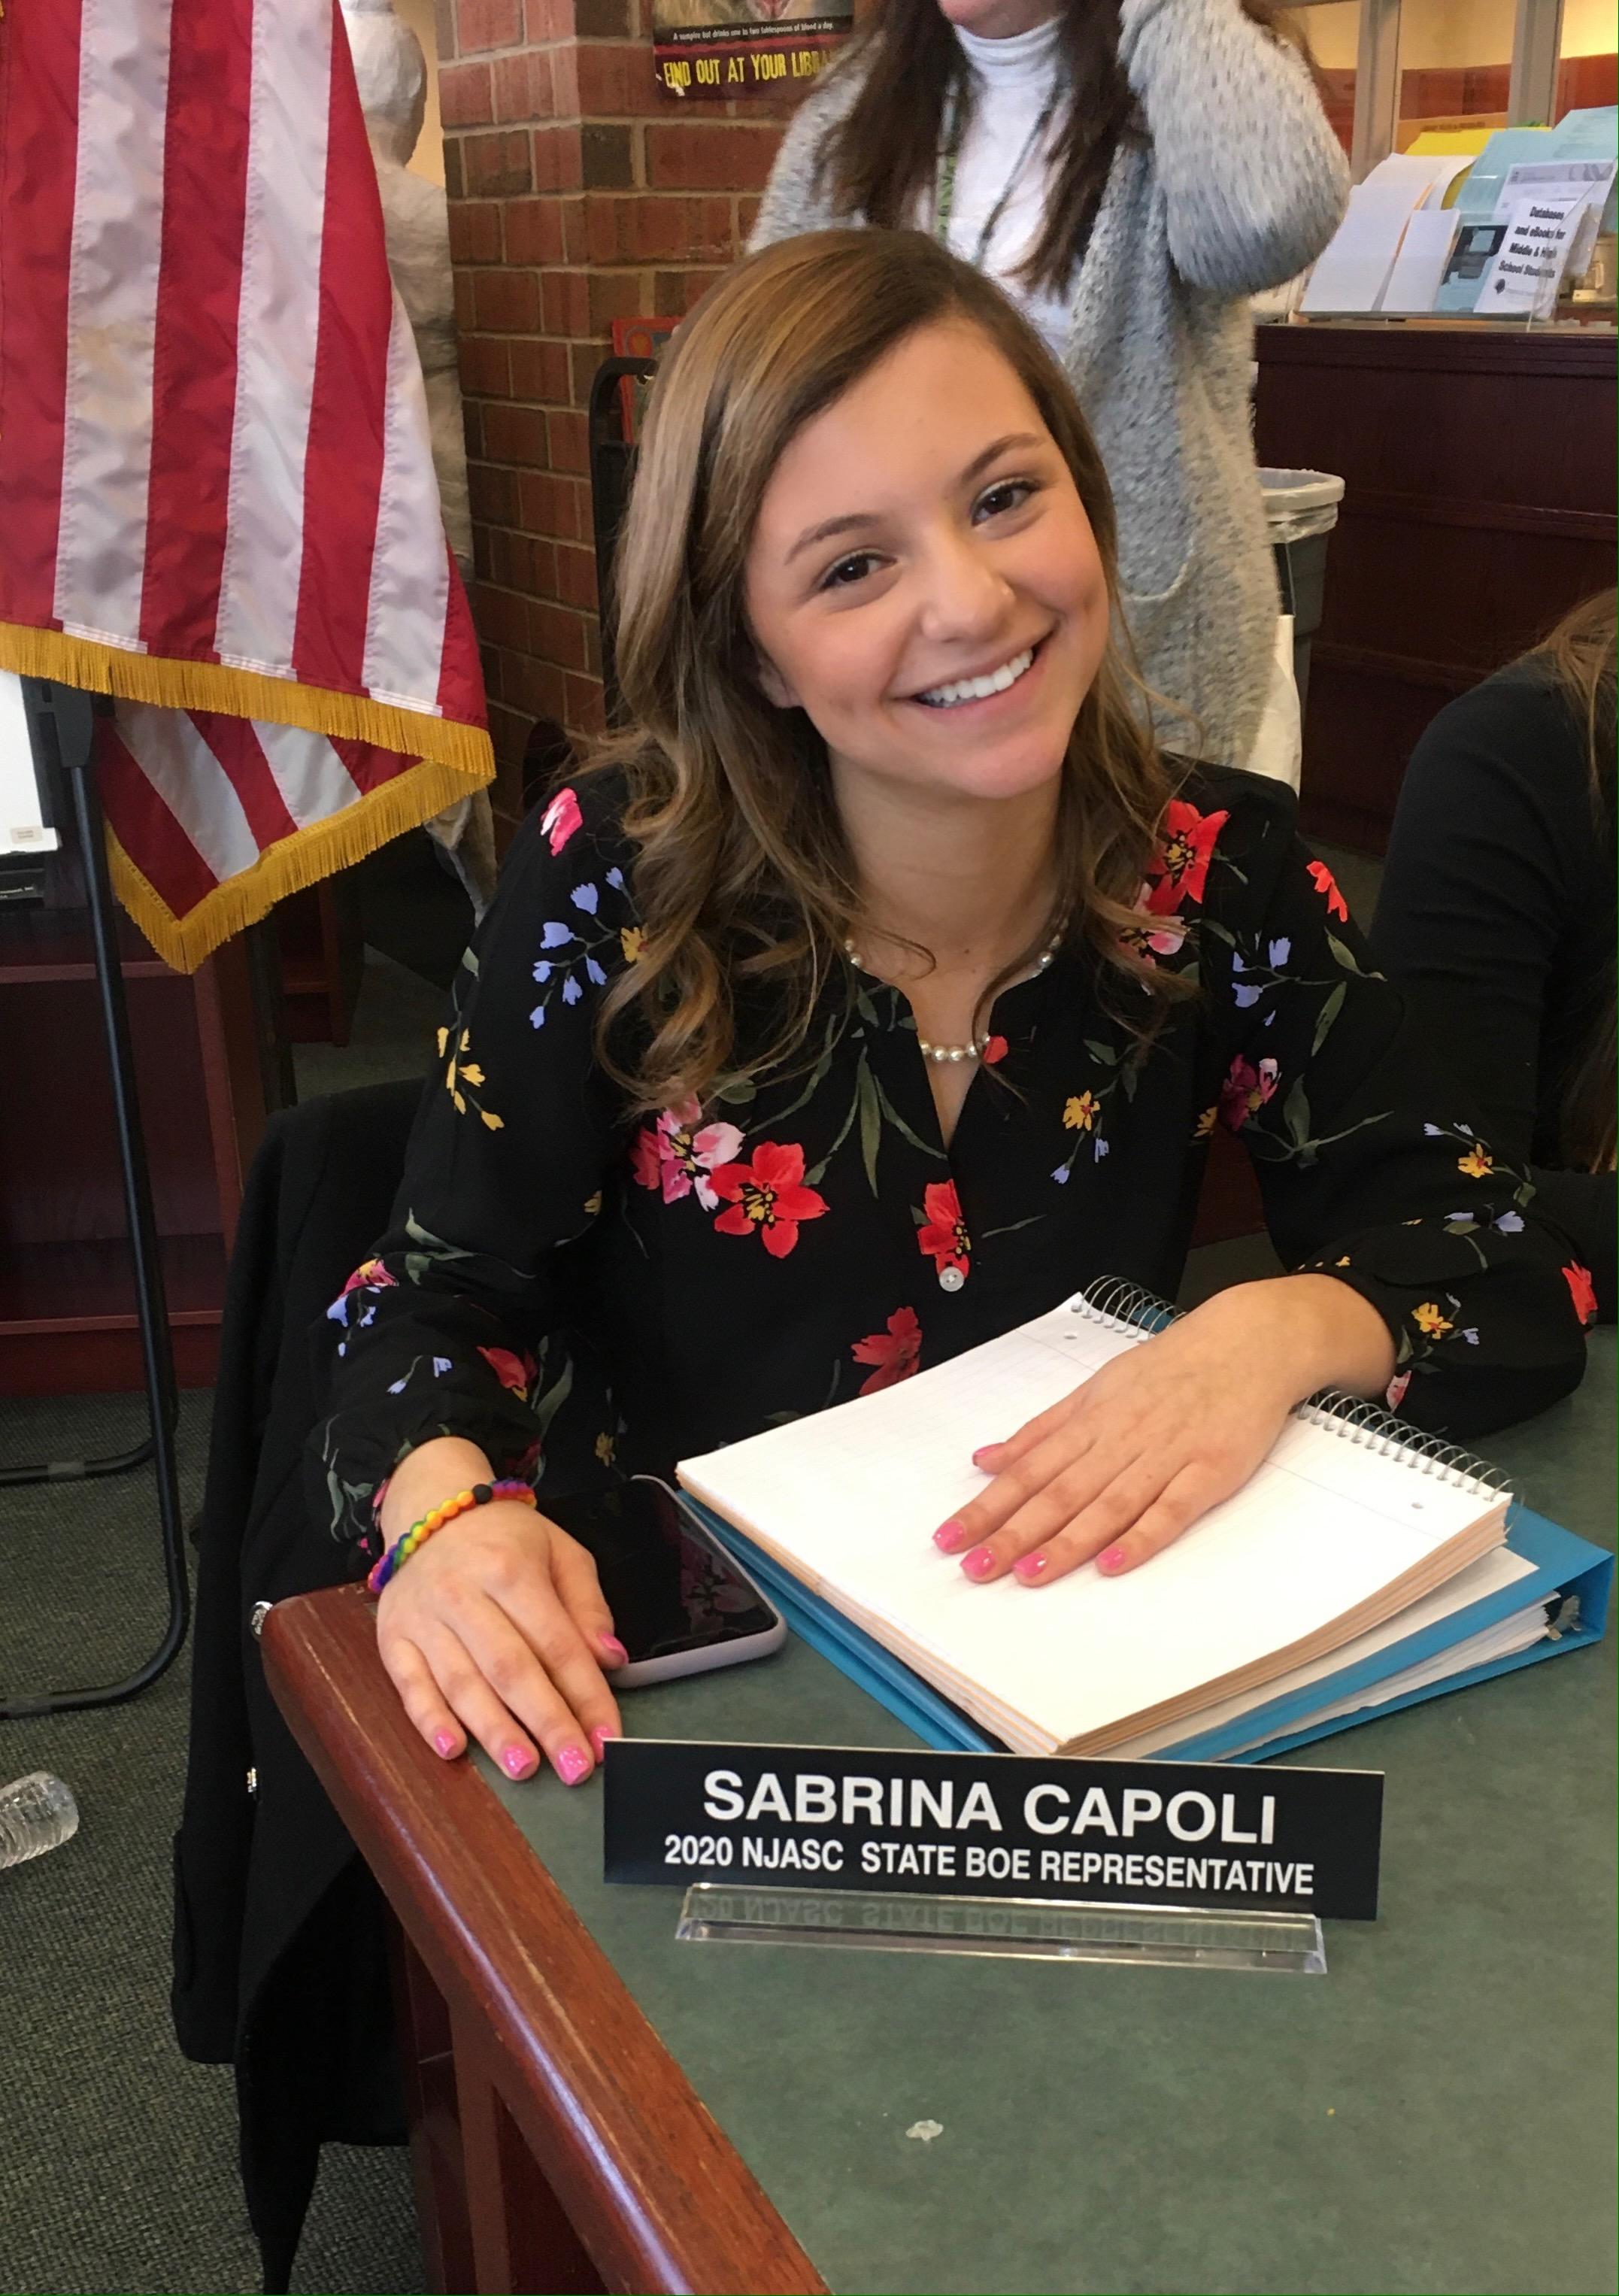 Sabrina Capoli headshot